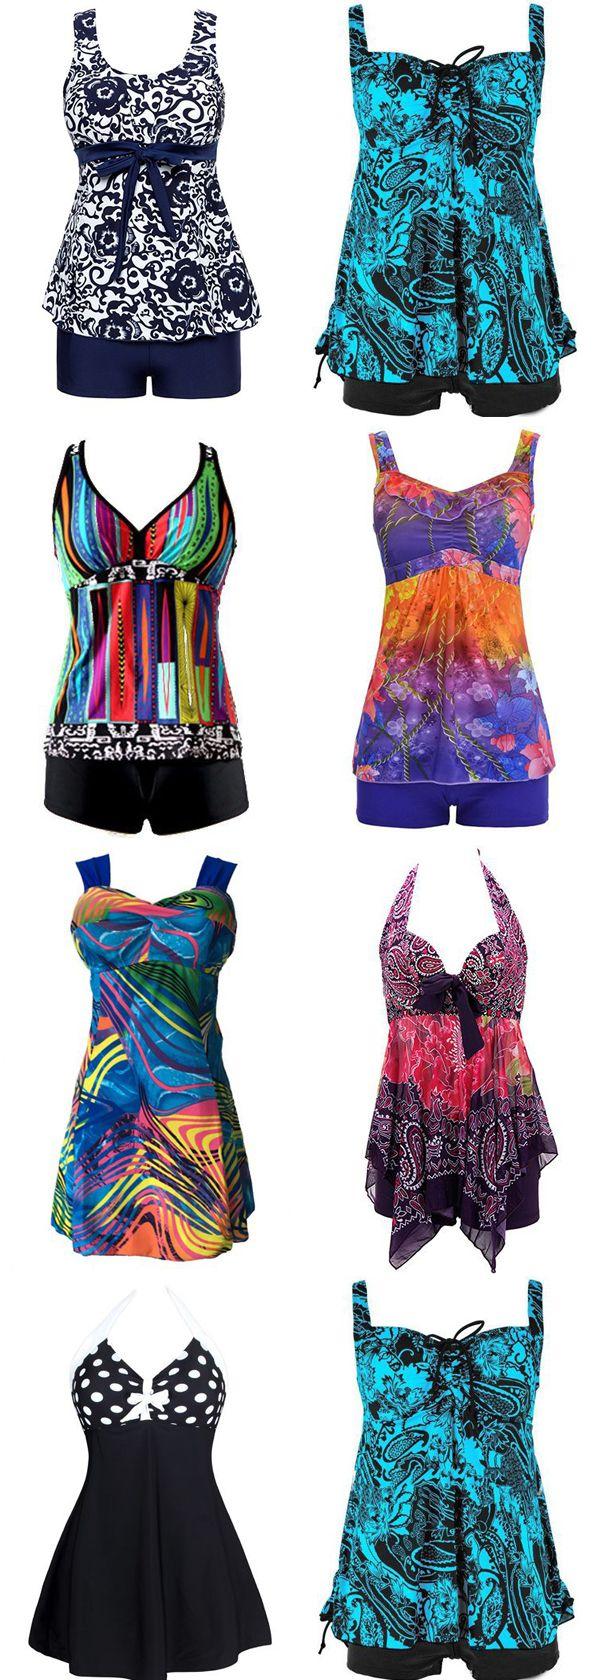 Cute Tankini Swimsuits for women         #liligal #swimwear #swimsuit